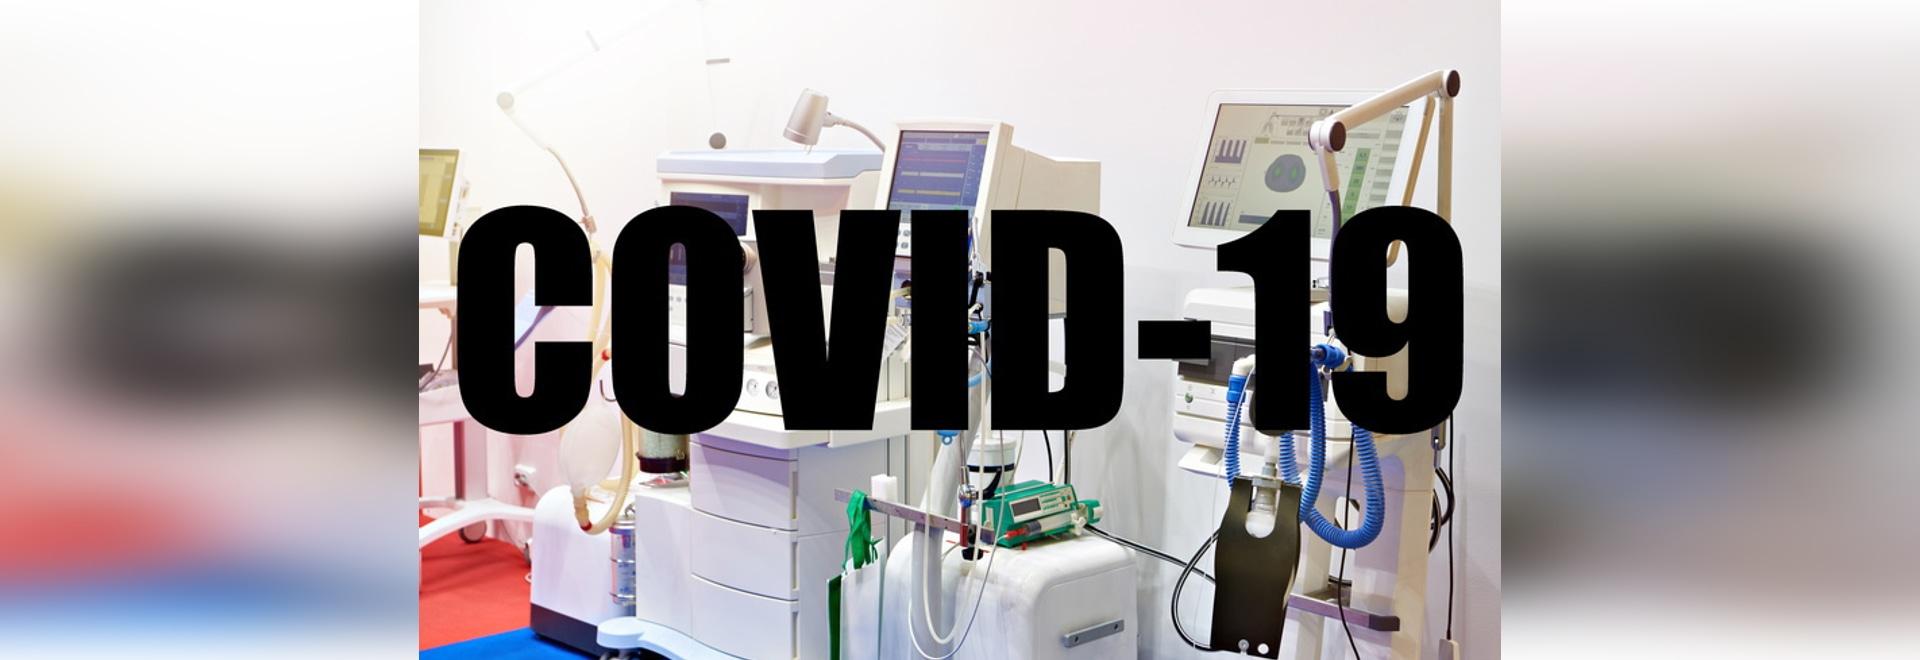 Tektronix pivote vers la production de ventilateurs dans le cadre de la pandémie de COVID-19